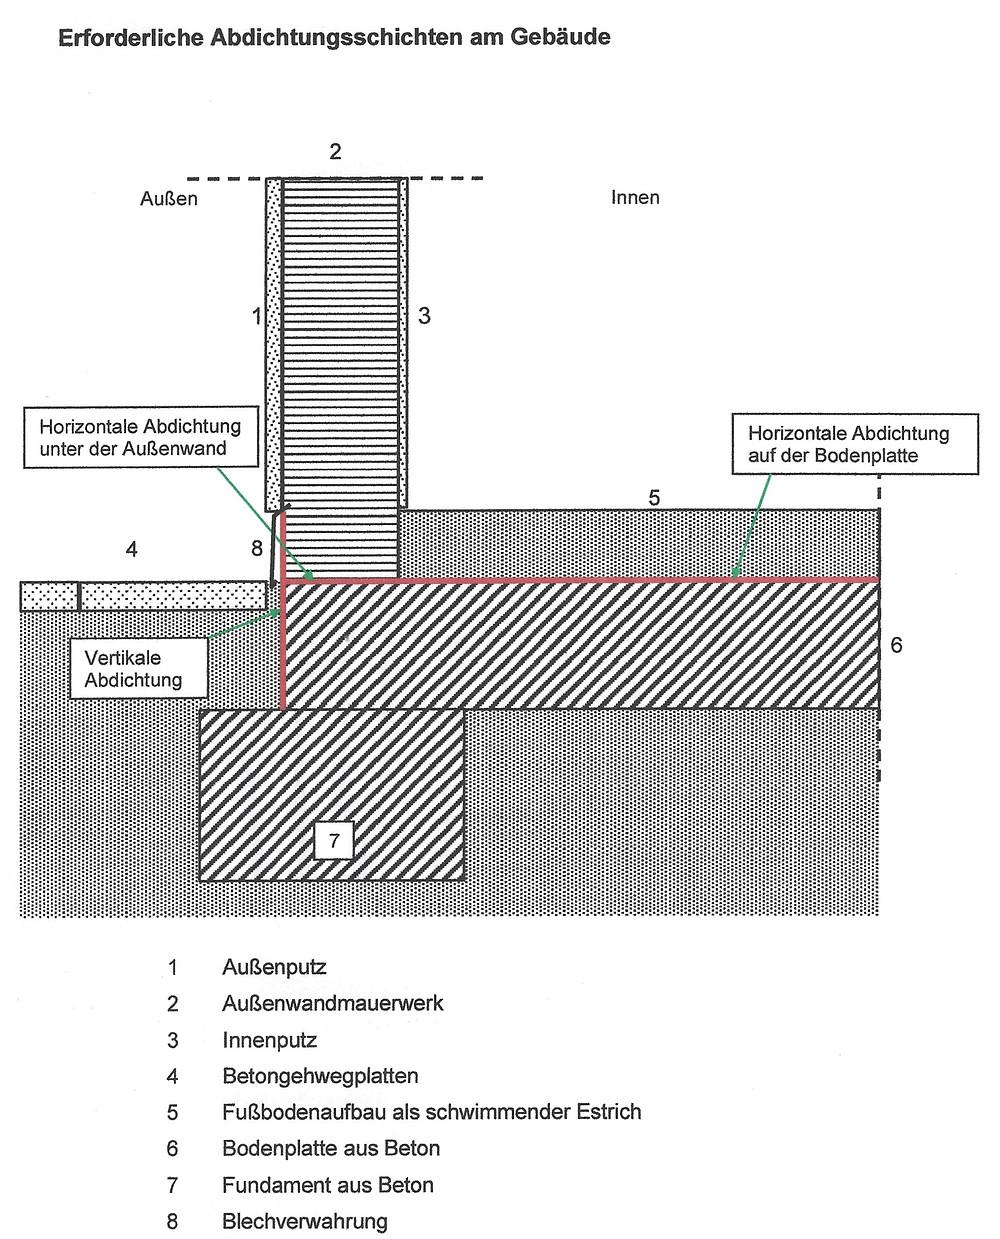 Erforderliche Abdichtungsschichten am Gebäudesockel